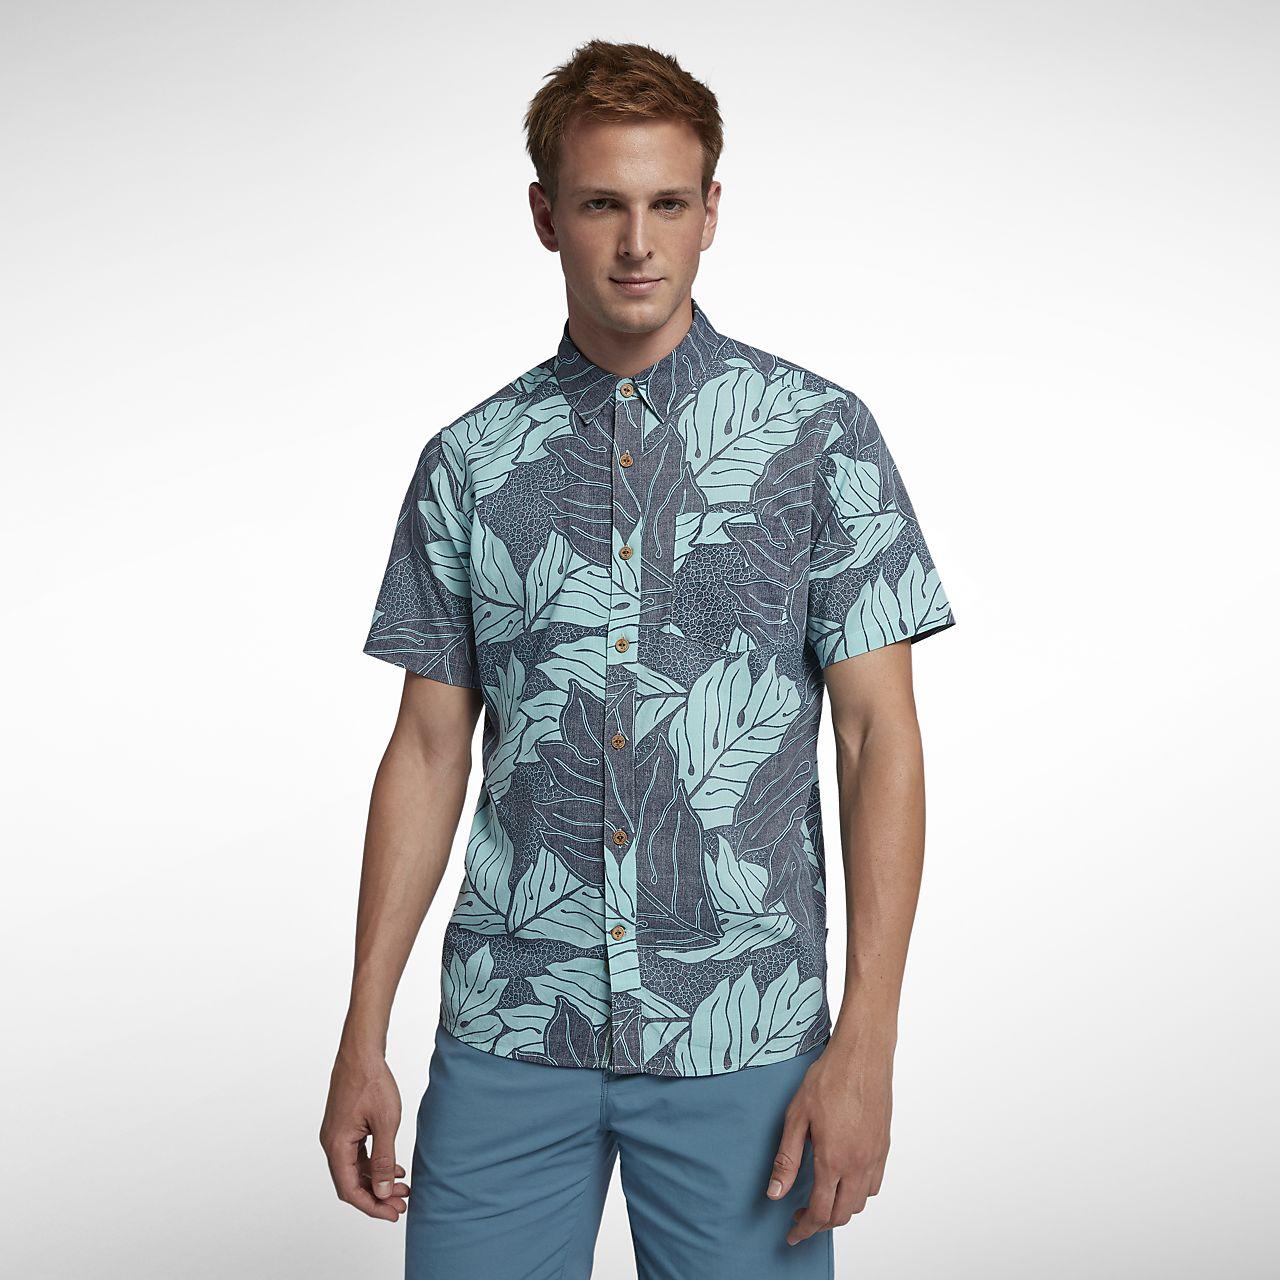 Hurley Sig Zane Ululoa Men's Woven Short-Sleeve Top